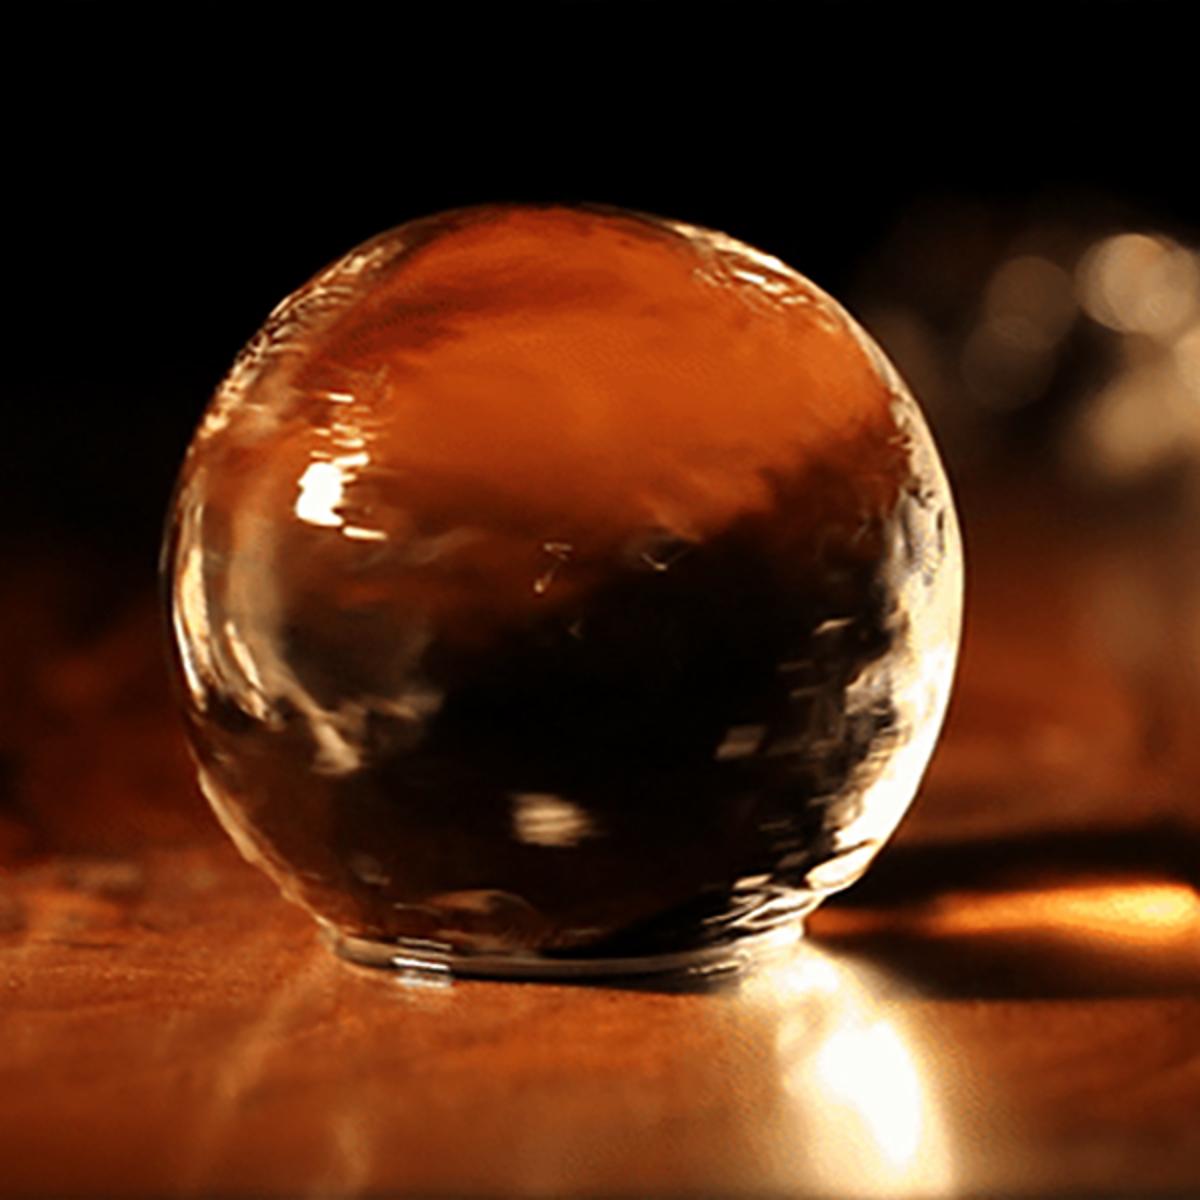 透明な丸い氷で、自宅がBARラウンジに|Polar Ice専用チューブ|BARで出てくるような透明な丸氷を、最大4個まで保管